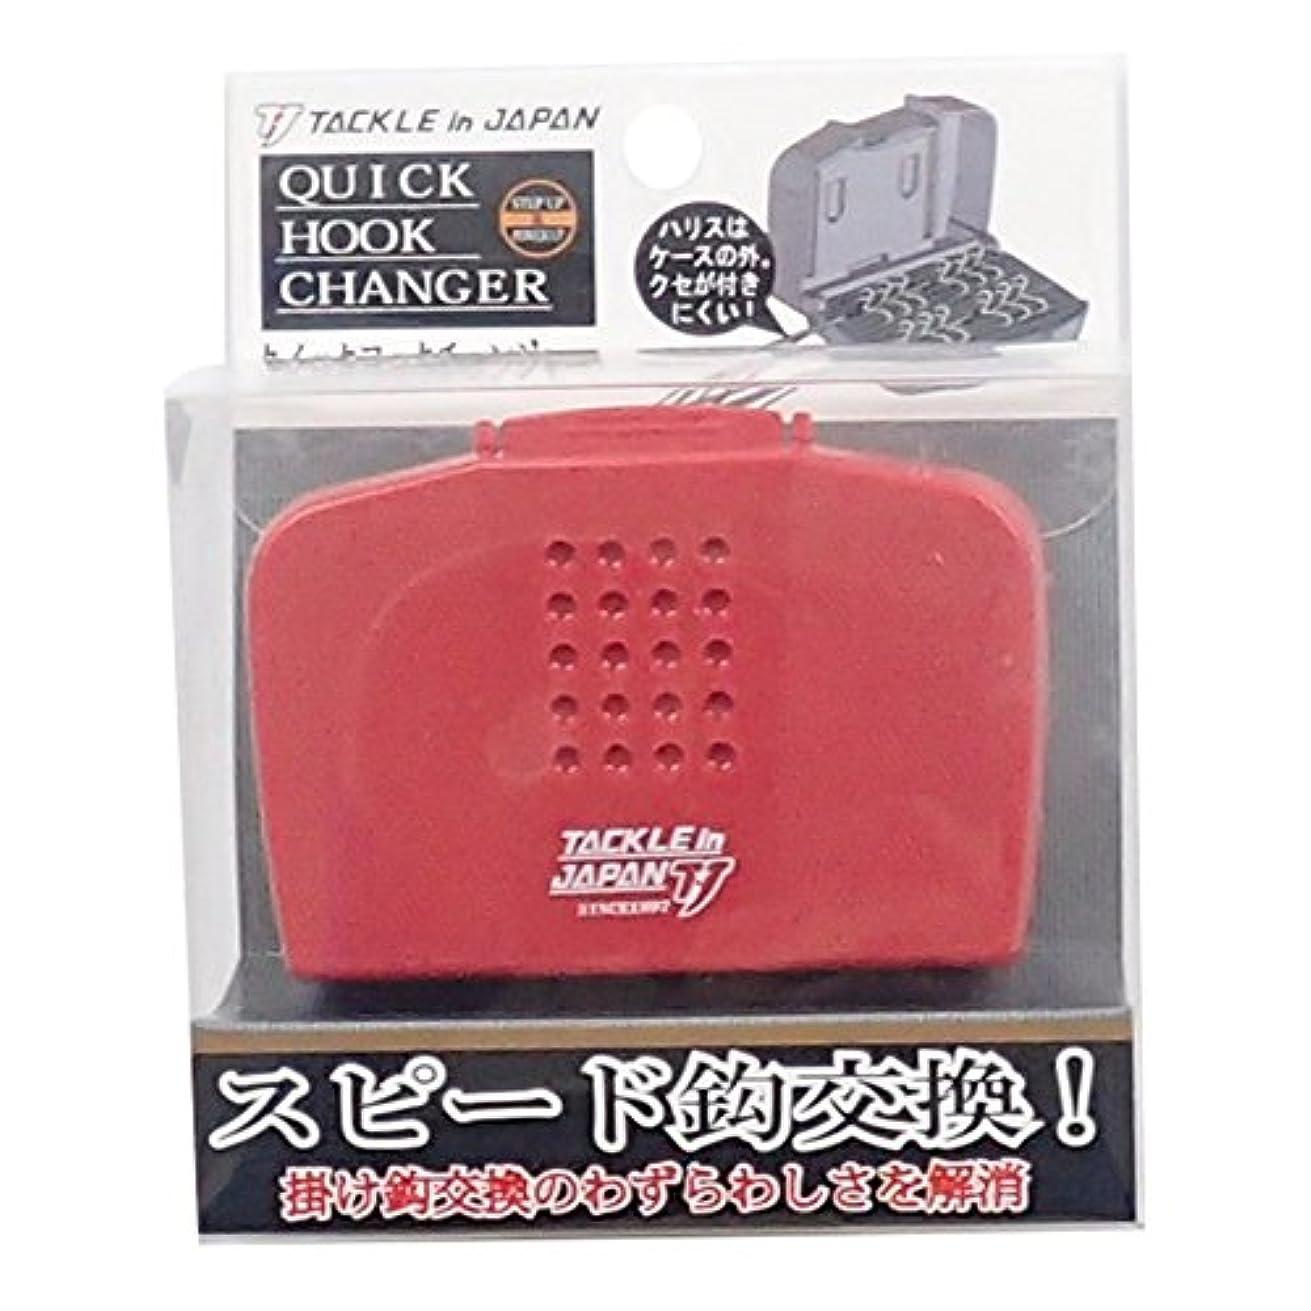 彼彫る聴衆TACKLE in JAPAN(タックルインジャパン) クイックフックチェンジャー / レッド